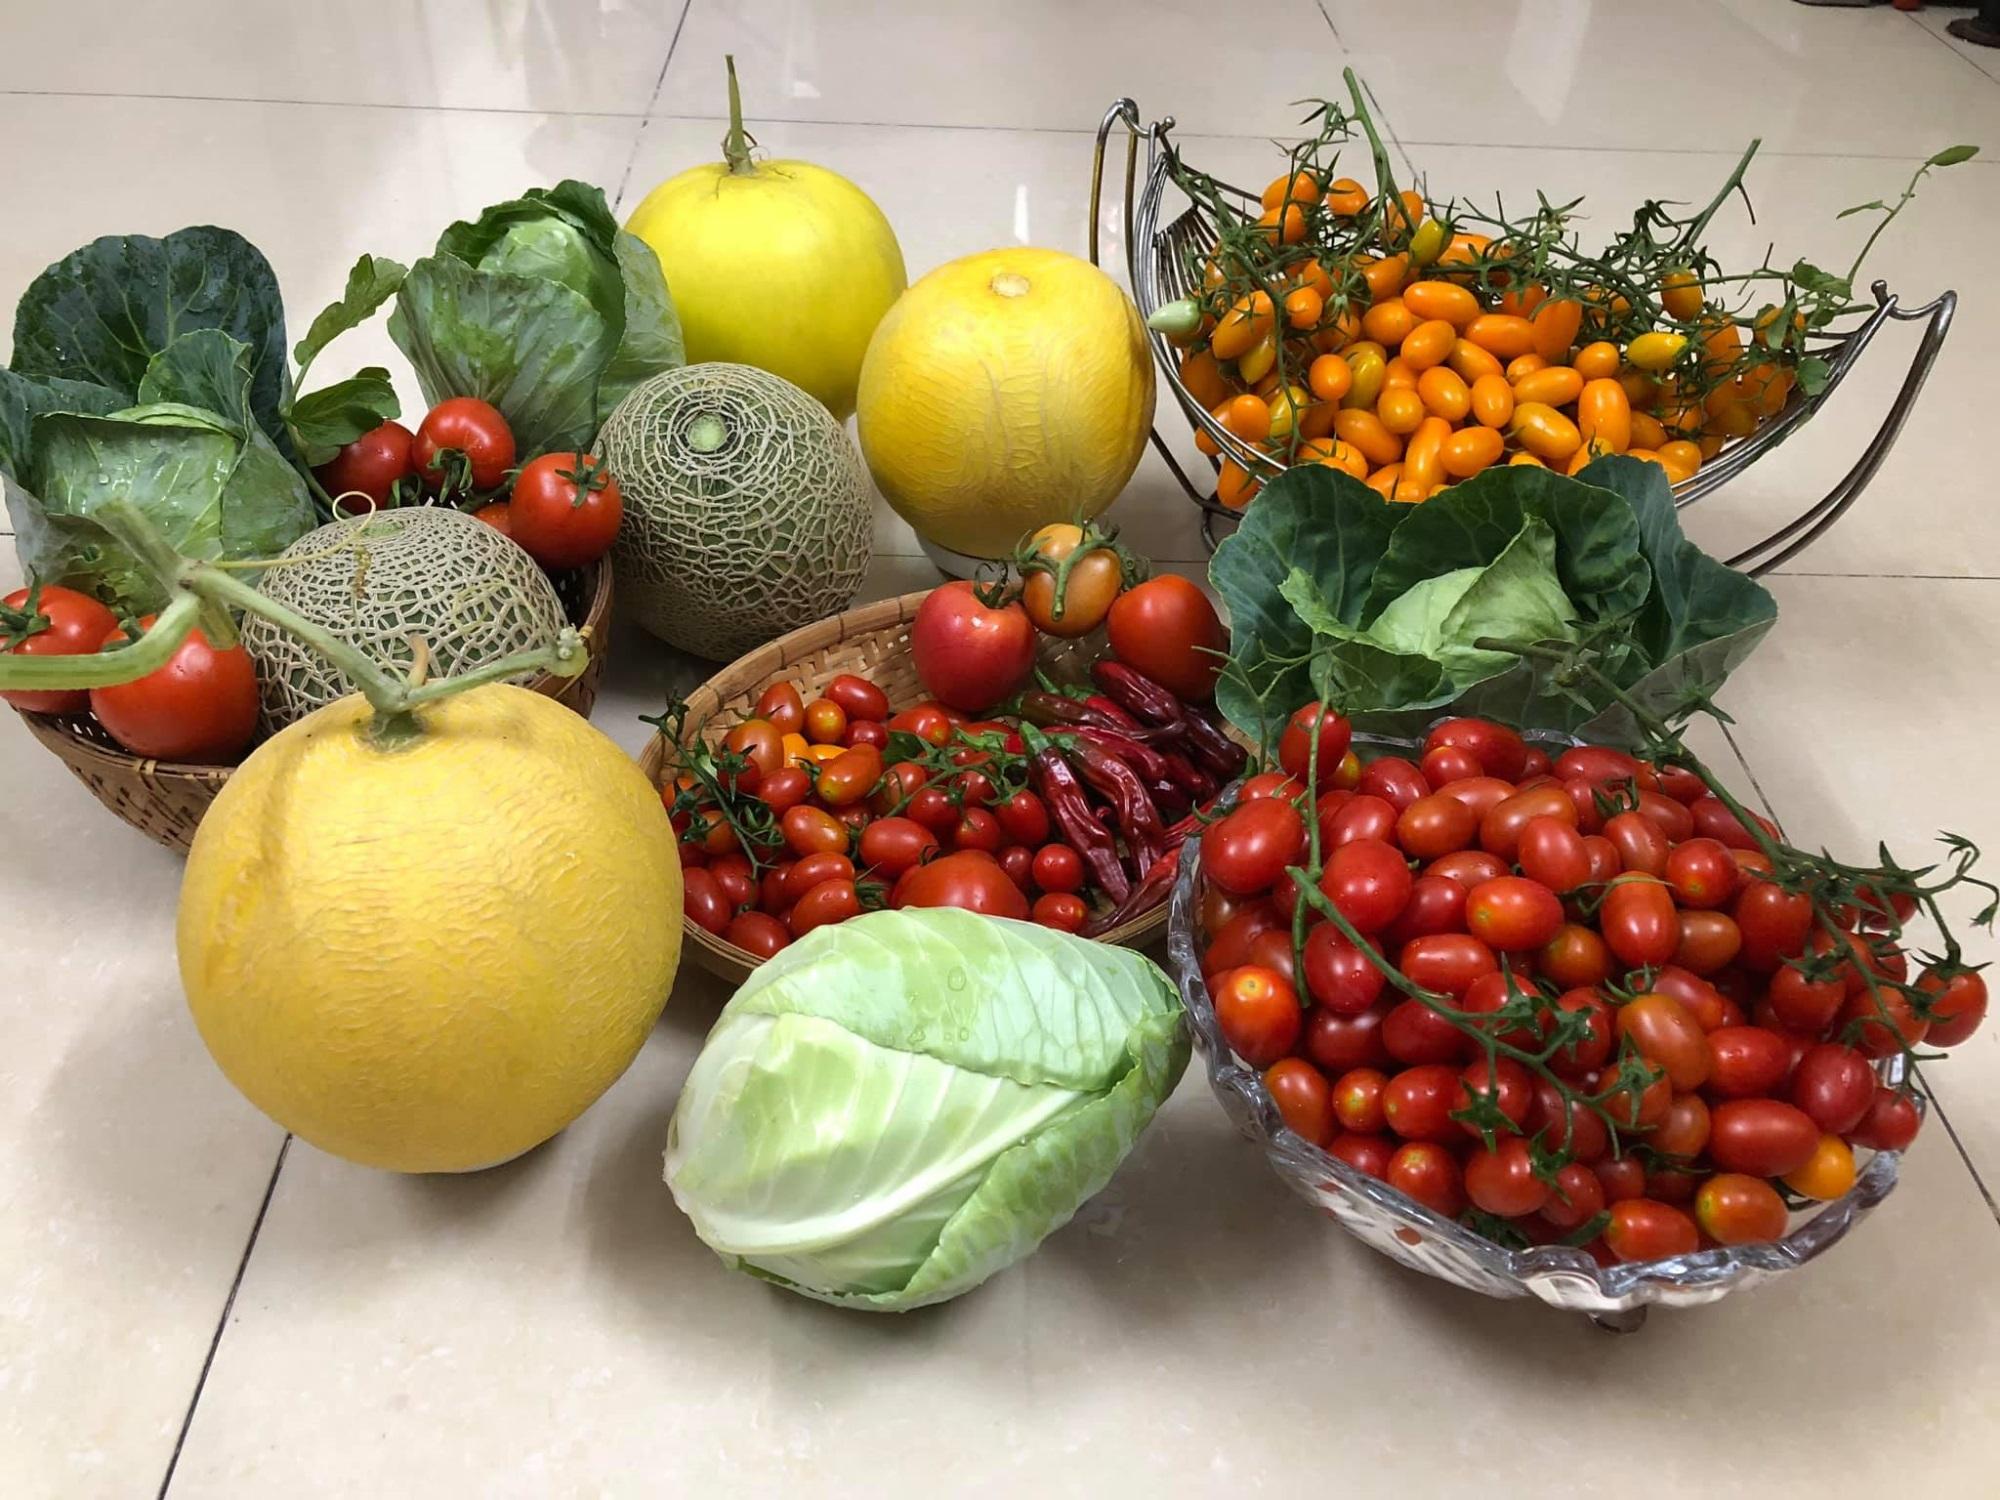 Khoe khu vườn sum sê trĩu quả, mẹ nội trợ tung luôn 'bí kíp' cho những ai mới 'tập tành' làm nông dân - Ảnh 13